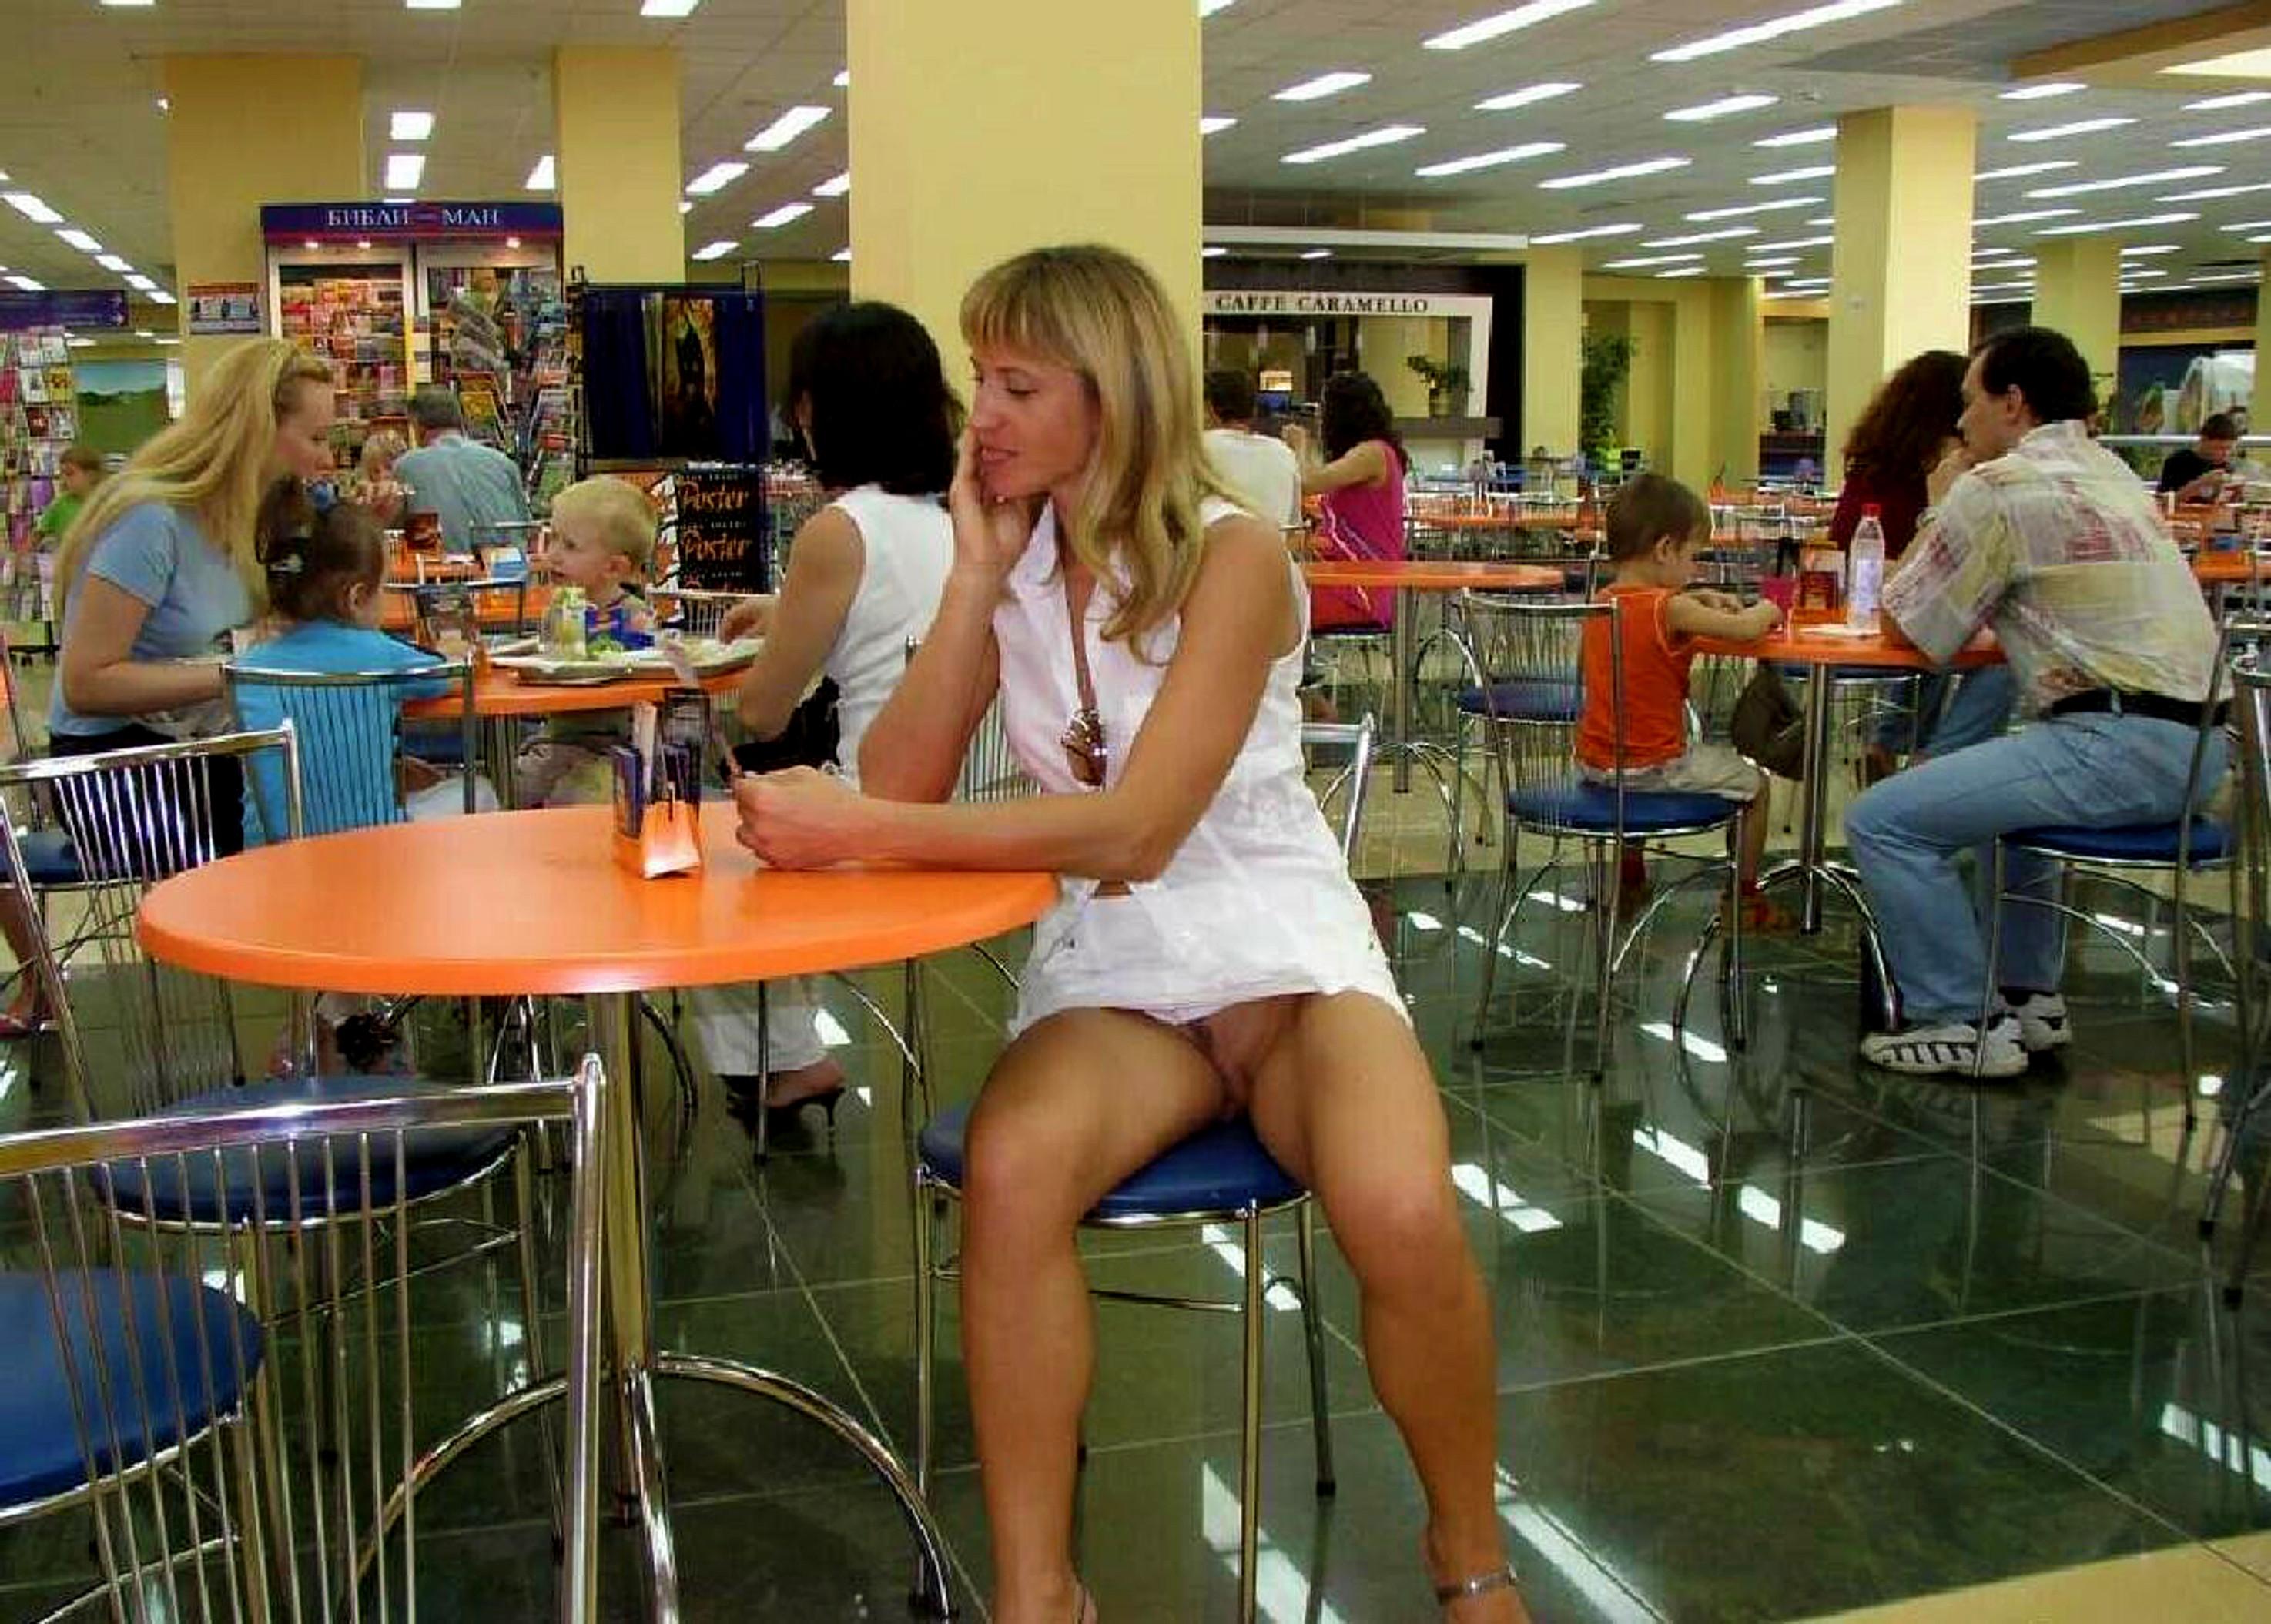 Фото кафе без трусиков 6 фотография